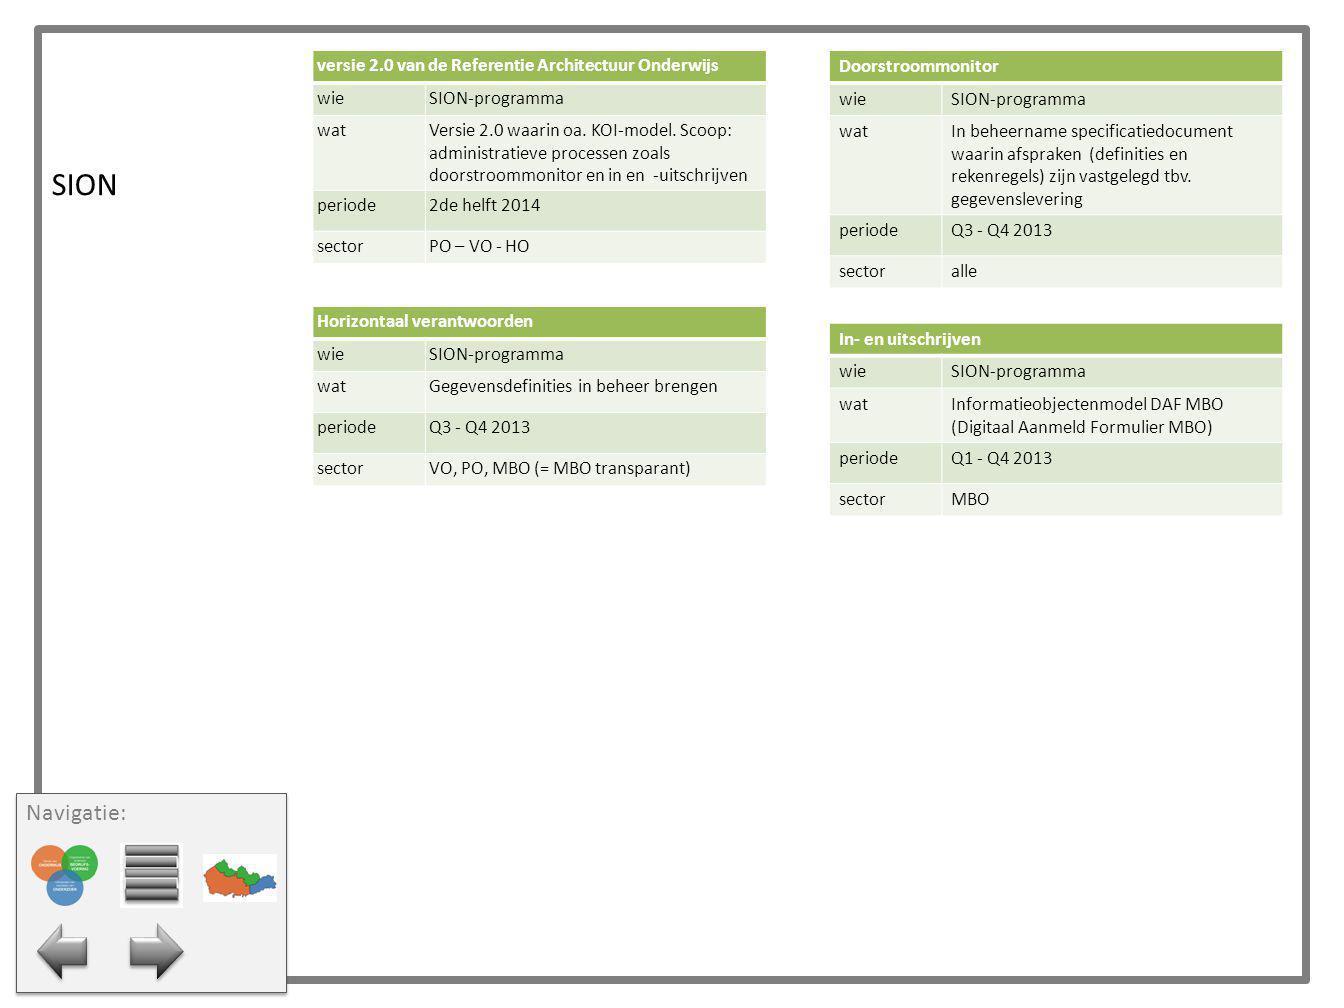 Landschapskaart Leerling-gegevens  EDEXML (po, vo)  ESB (mbo)  OSO 1.0 Leerresultaten  EDEXML (po, vo)  UWLR (po, vo, mbo)  ESB (mbo) Toetsen  NL-QTI (po, vo, mbo) Examens  DEP (po, vo, mbo) Leermiddelen  ECK Distributie en Toegang (po, vo, mbo)  ECK NL-LOM (alle sectoren)  SRU/SRW  OAI-PMH  UPI TOEGANG  ECK Distributie en Toegang  Kennisnet federatie  SURF connext Onderzoeks-publicaties  MODS  DIDL  OAI-PMH  Semantics  URN SEMANTIEK  OBK  SOM  KOI model Architectuurraad Startdocument architectuurraad Intake en beheer proces Ontwikkelen overstijgende principes OBK vocabulaires SLO kernprogramma's [2012-2014] Kernprogramma EC HAVO [Q3 2013] Kernprogramma's bovenbouw HAVO [Q4 2013] Verkenning beroepsgerichte kwalificatiestructuur [Q3/4 2013] Beroepsgerichte kwalificatiestructuur [2014] Referentiekader taal en rekenen [2014] Context-relaties in OBK [Q1-Q3 2013] Metadata OAI-PMH harmonisatie [Q4 2013] NL-LOM (minor) update [Q4 2013] CPI Update [Q1 2014] Identifiers URN-NBN update [Q2 2014] ??.